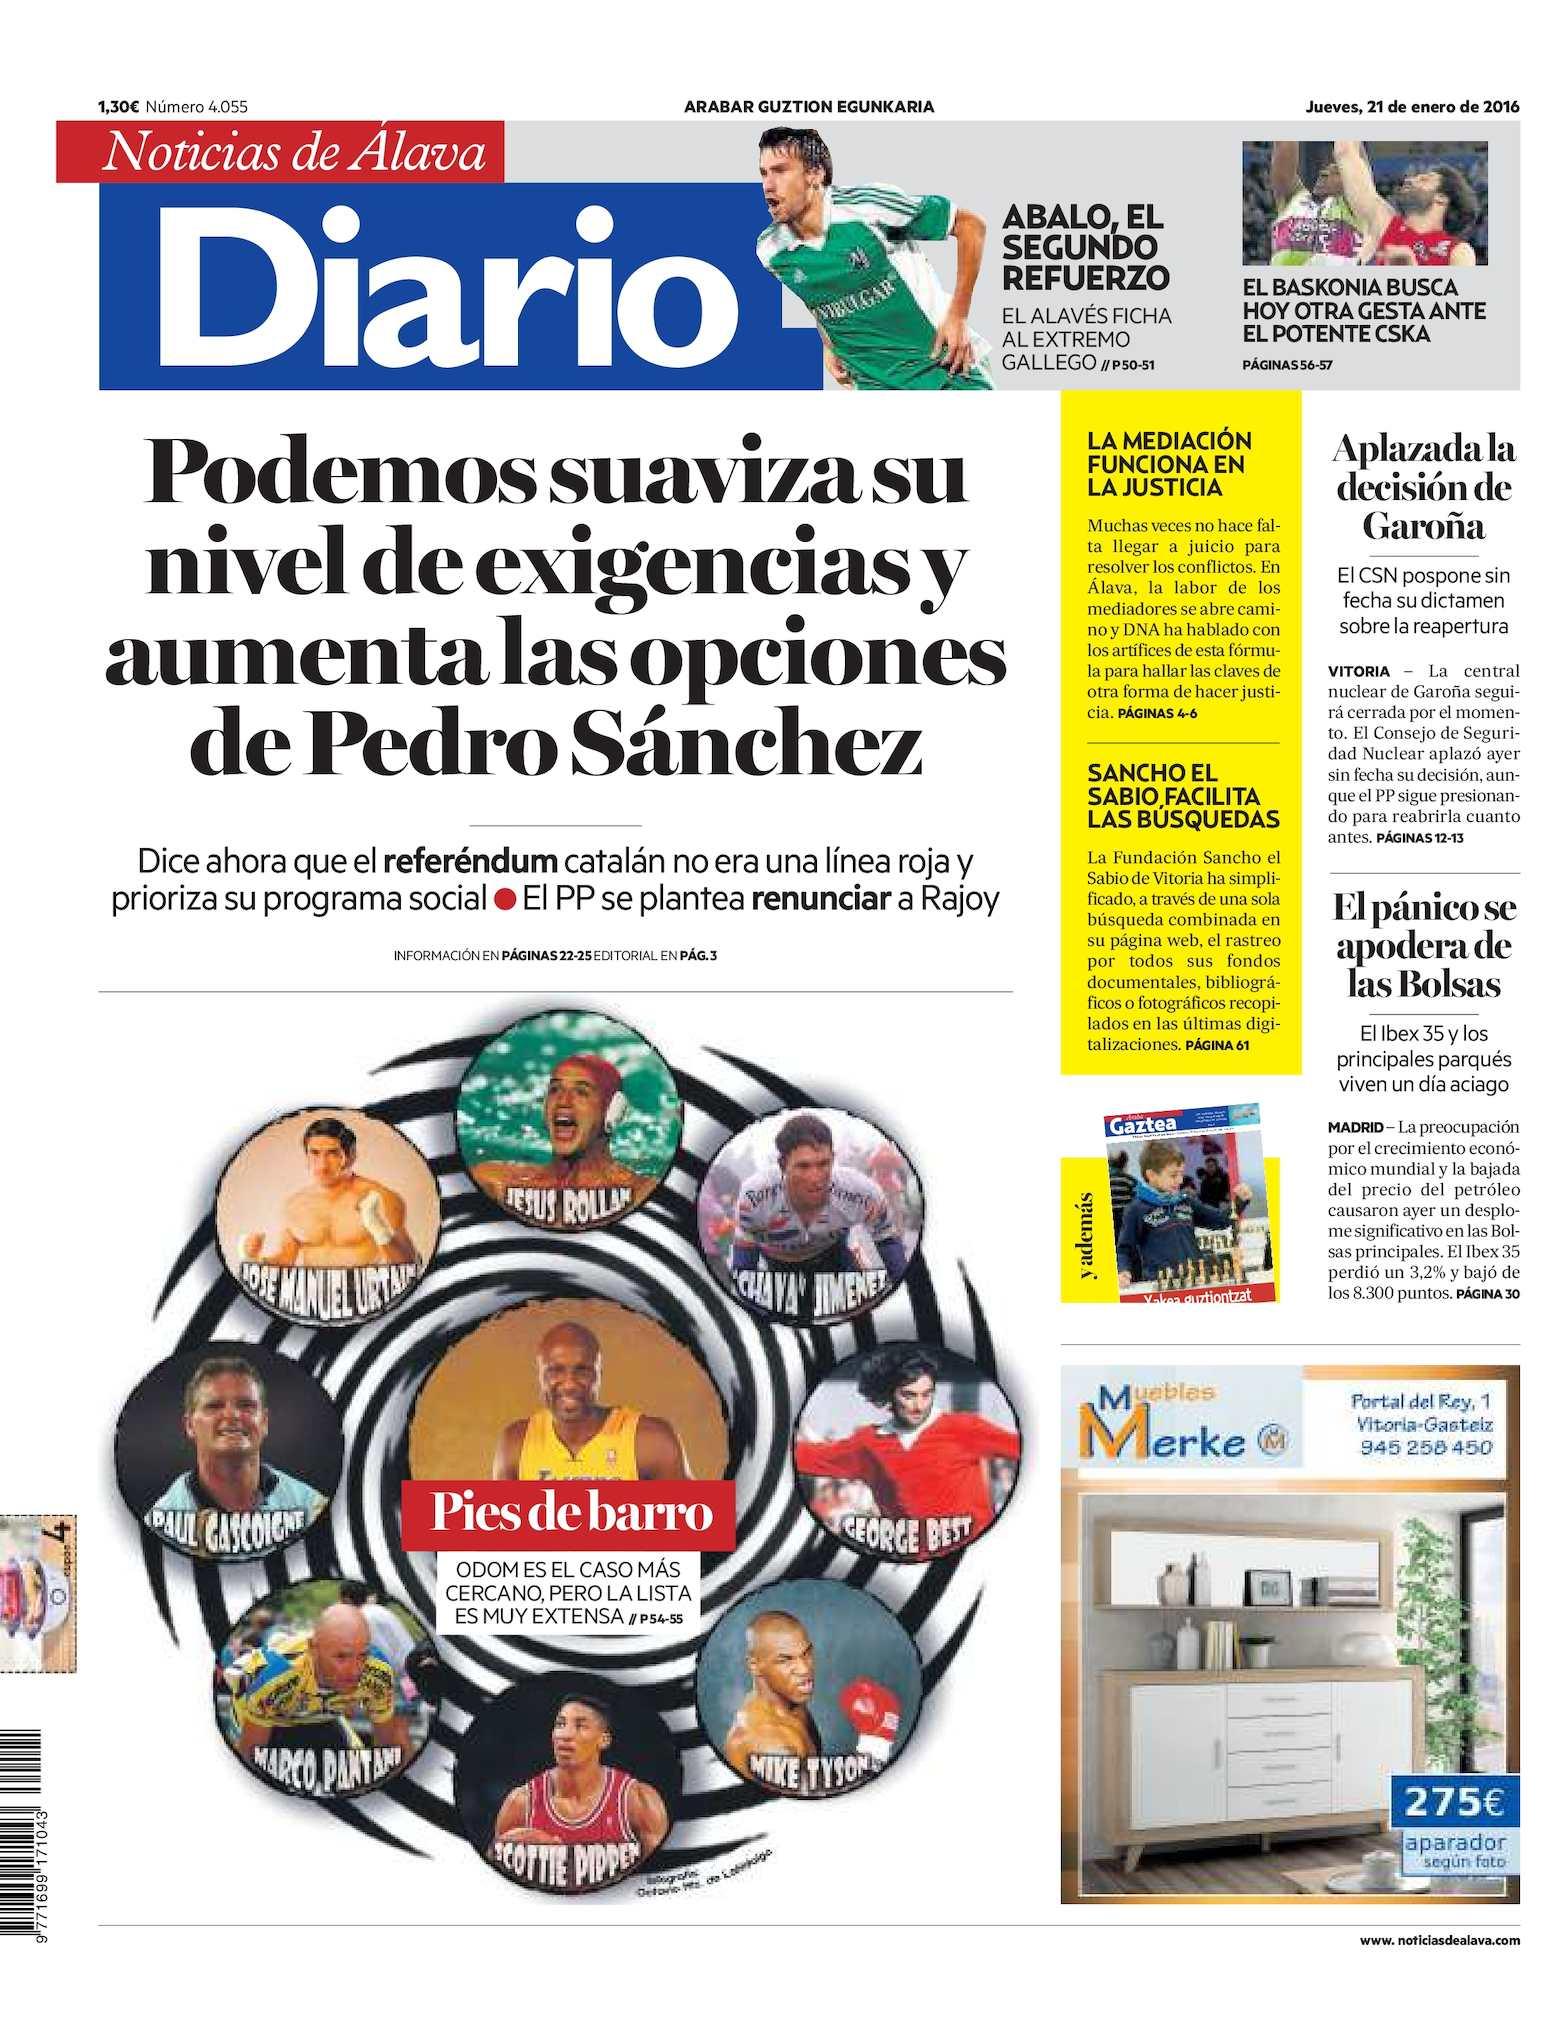 ddd75d305e48 Calaméo - Diario de Noticias de Álava 20160121